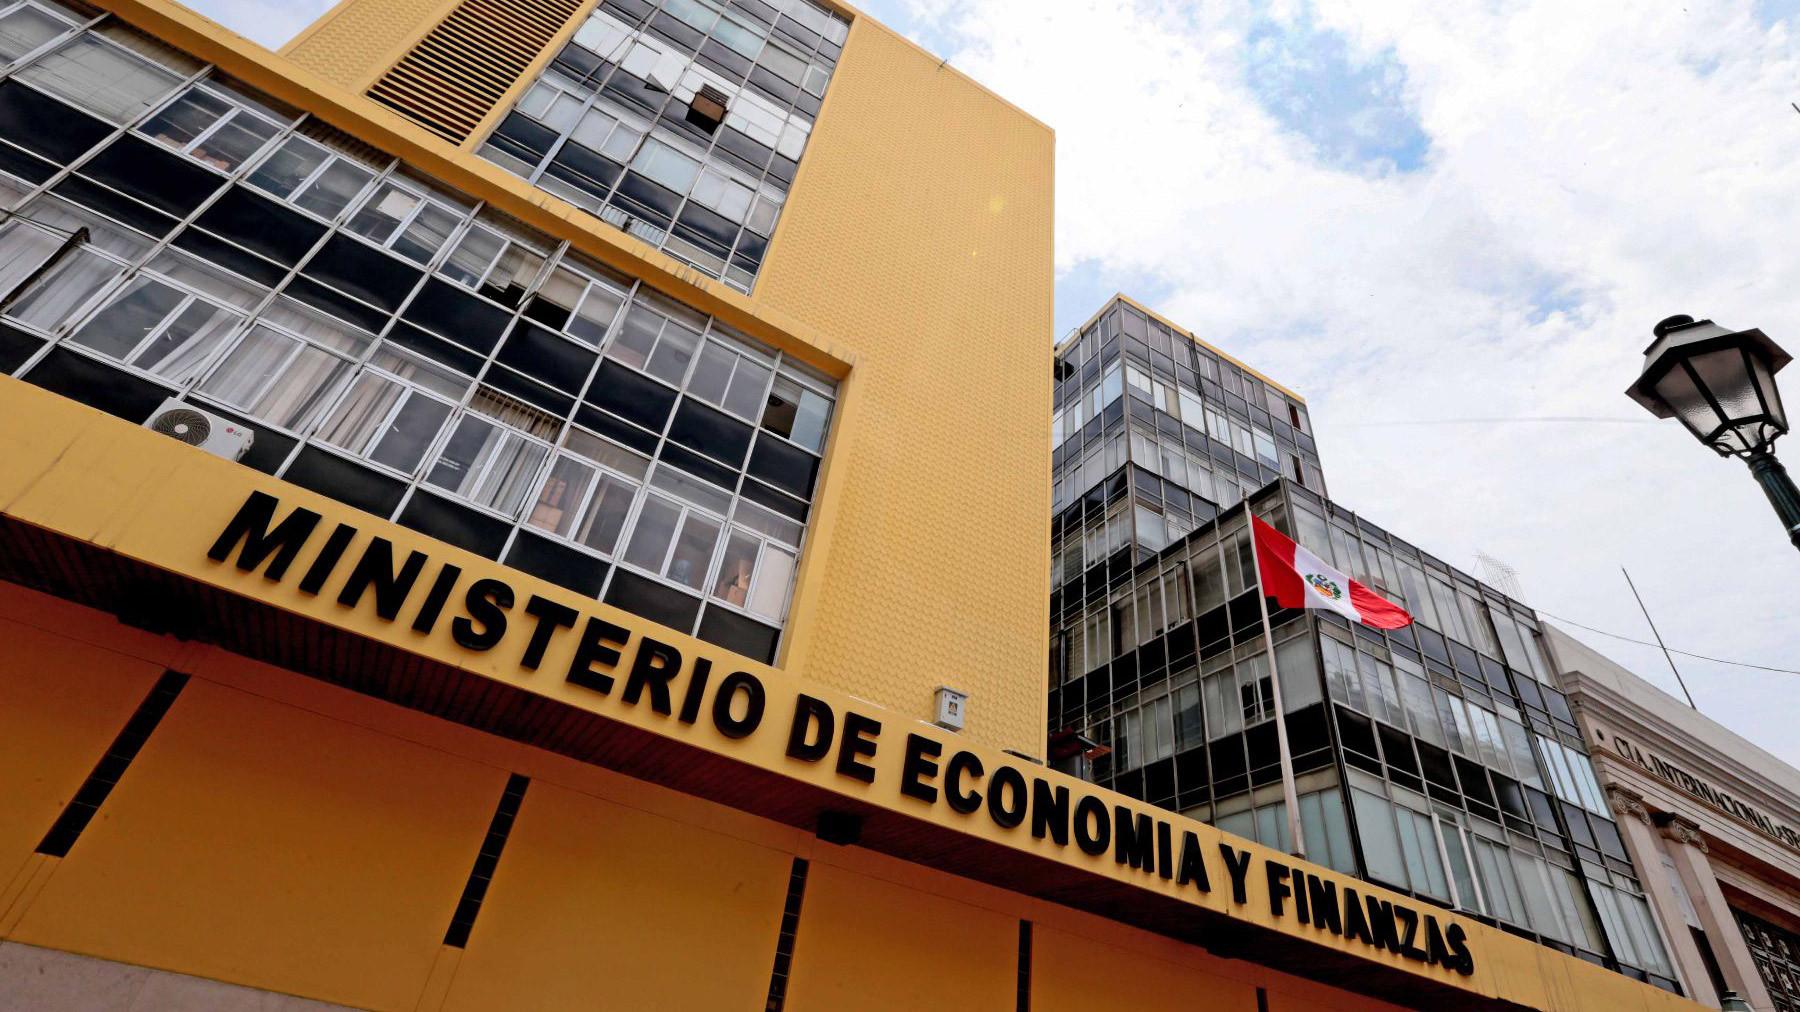 la-economia-peruana-podria-rebotar-hasta-7-en-el-2021-si-se-evita-el-colapso-del-sistema-financiero